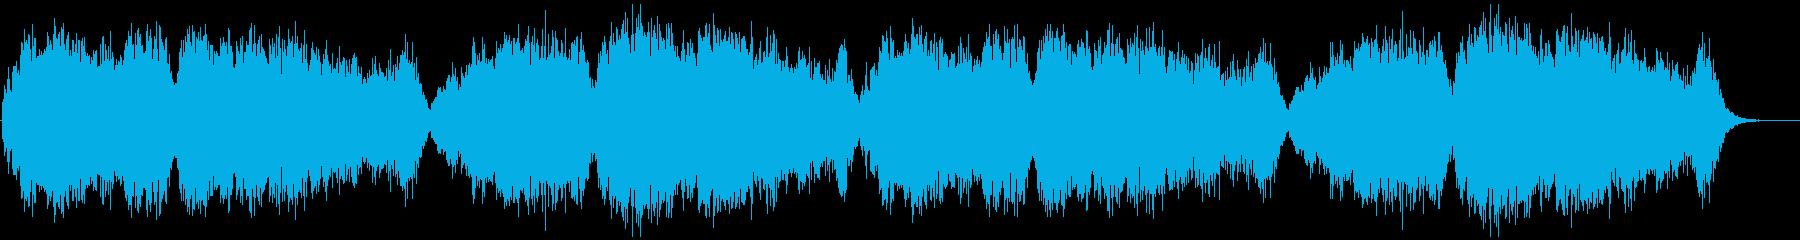 あやしいオバさん★エルフ耳コスプレで熱唱の再生済みの波形